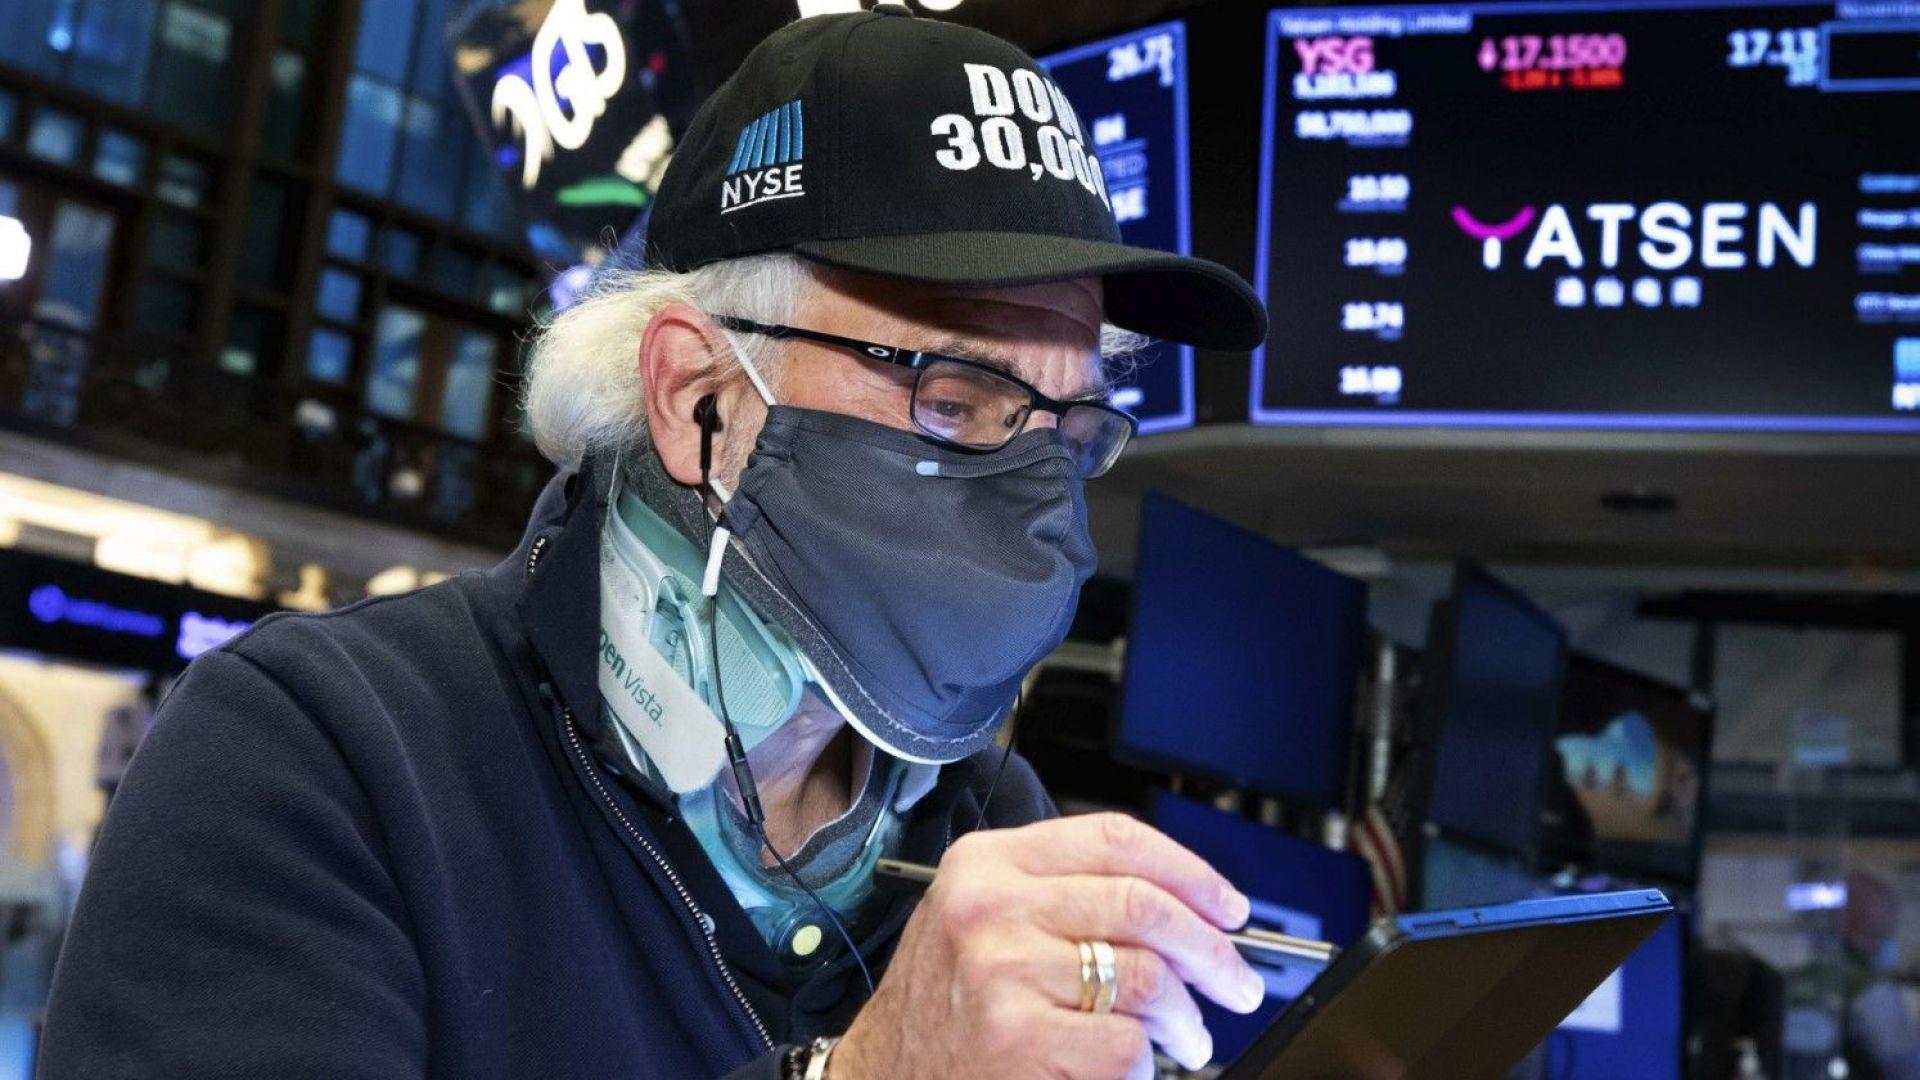 Намерението на централните банки да спрат стимулите изплаши пазарите на акции